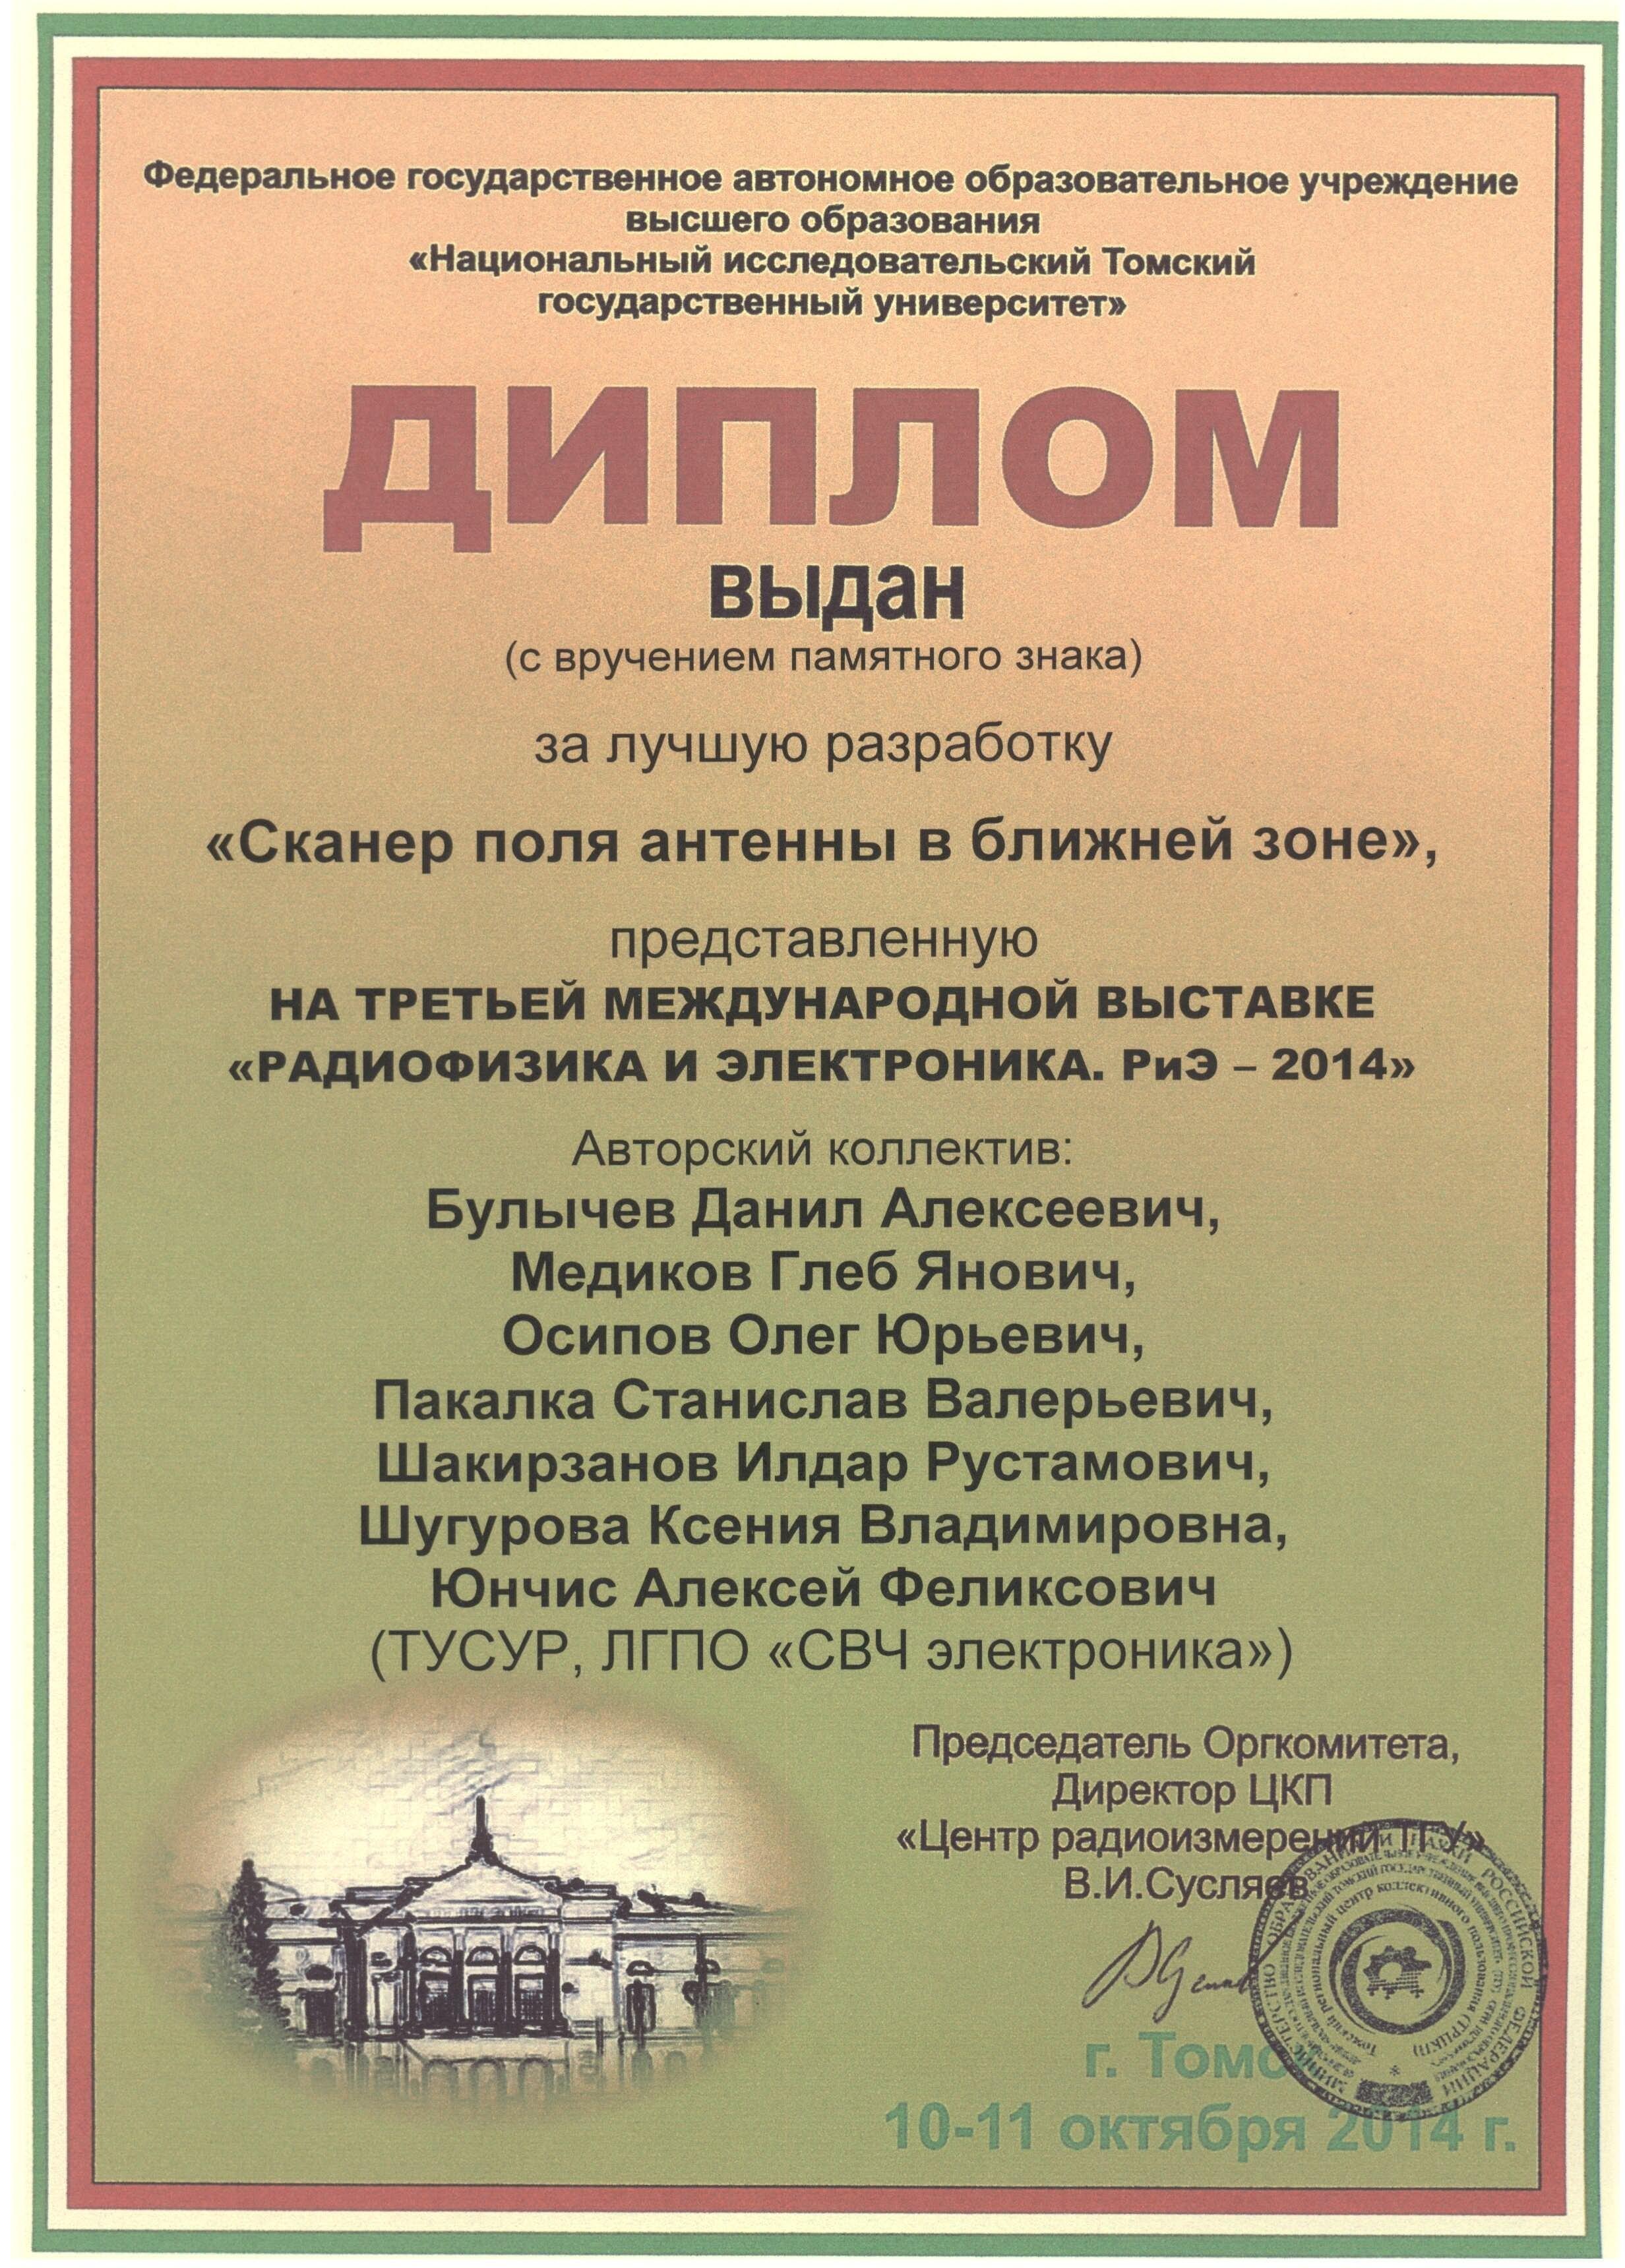 Кафедра СВЧиКР приняла участие вмеждународной выставке «Радиофизика иэлектроника. РиЭ– 2014»